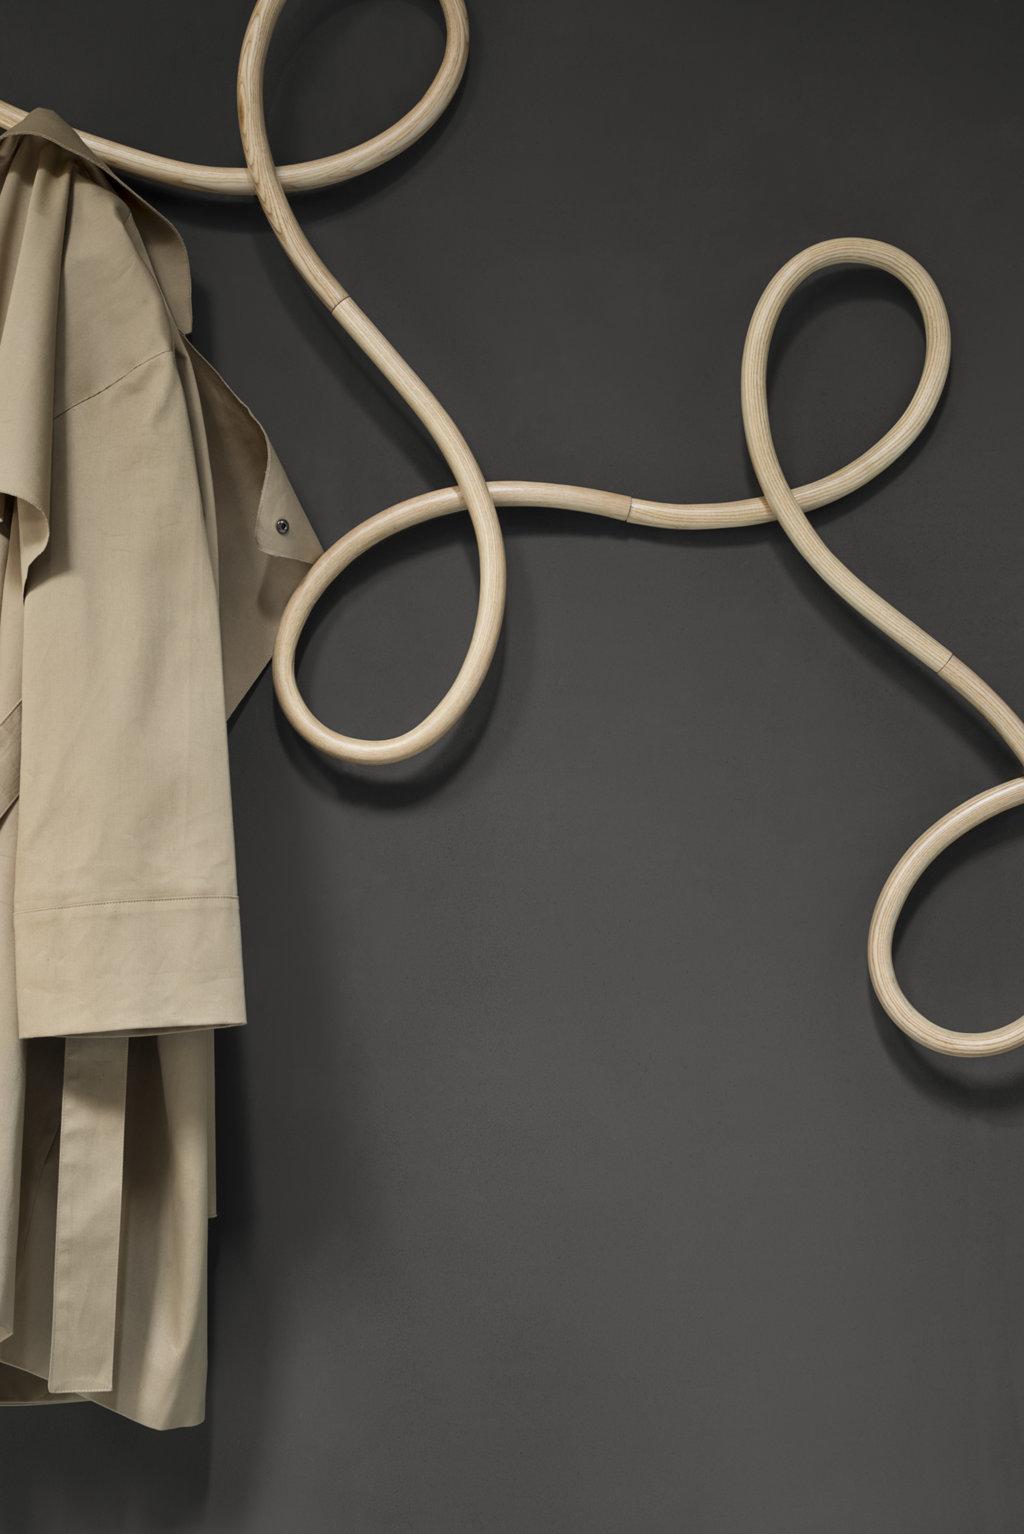 Waltz Coat Hanger